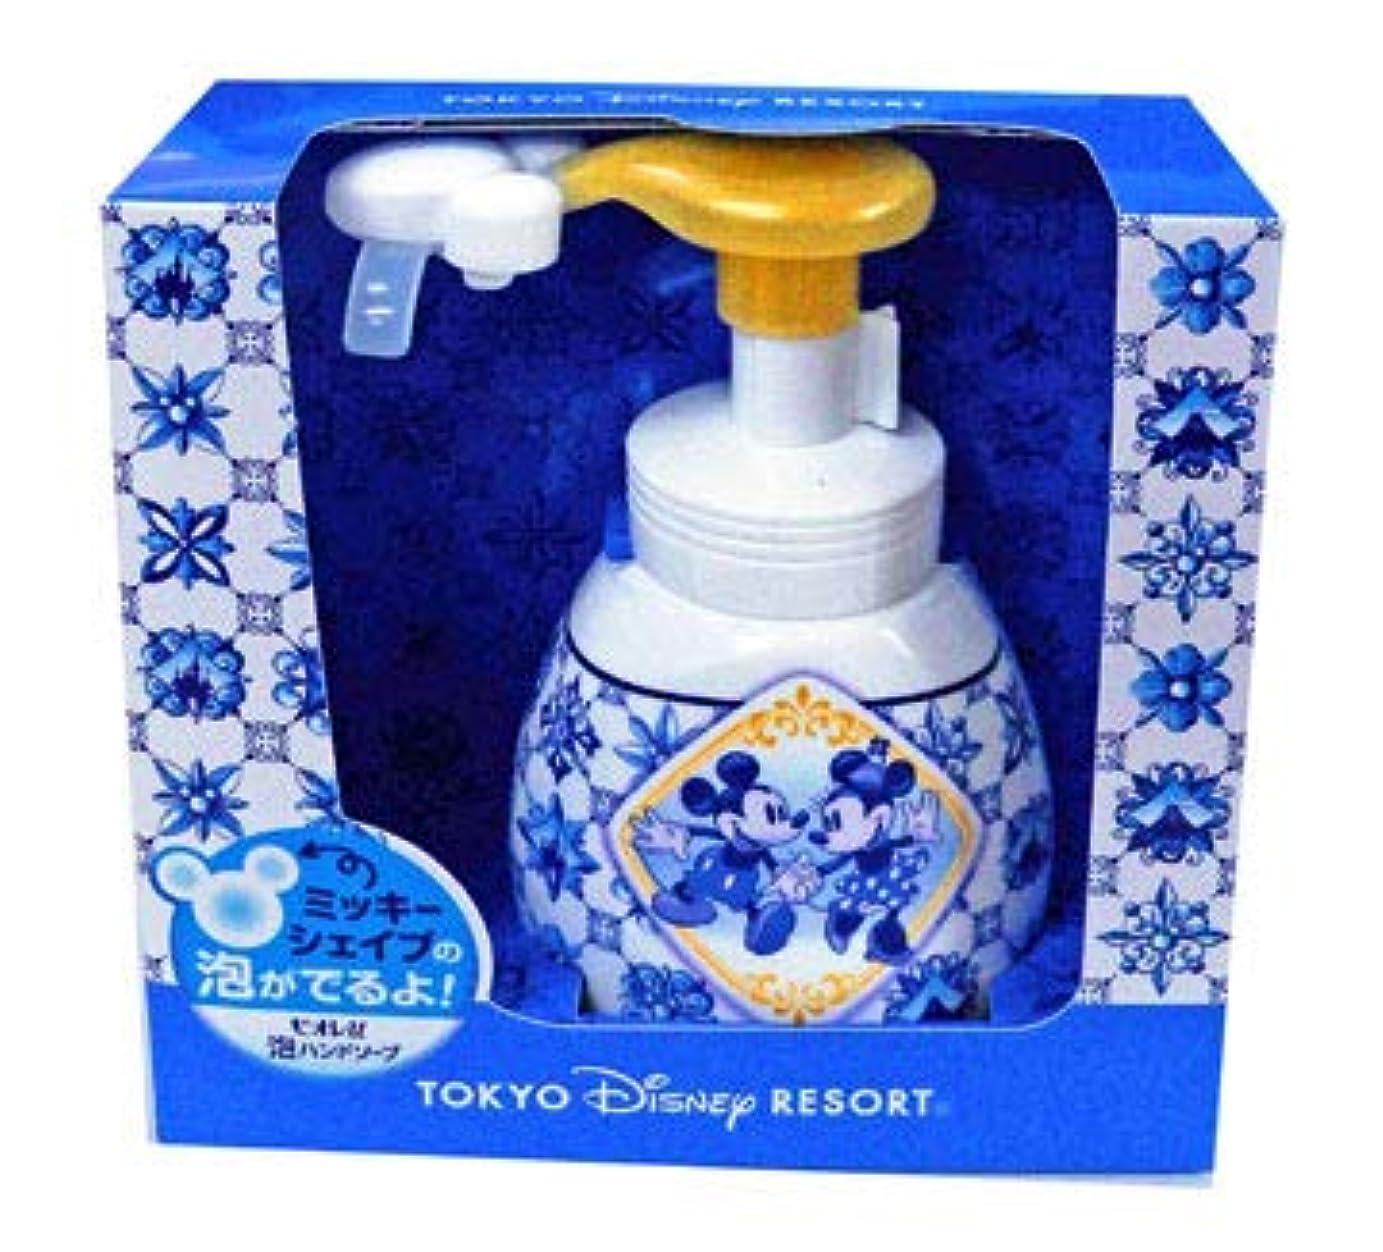 資本仕える任命泡ハンドソープ(新デザイン) 東京ディズニーリゾート ミッキーとミニー柄  おみやげ